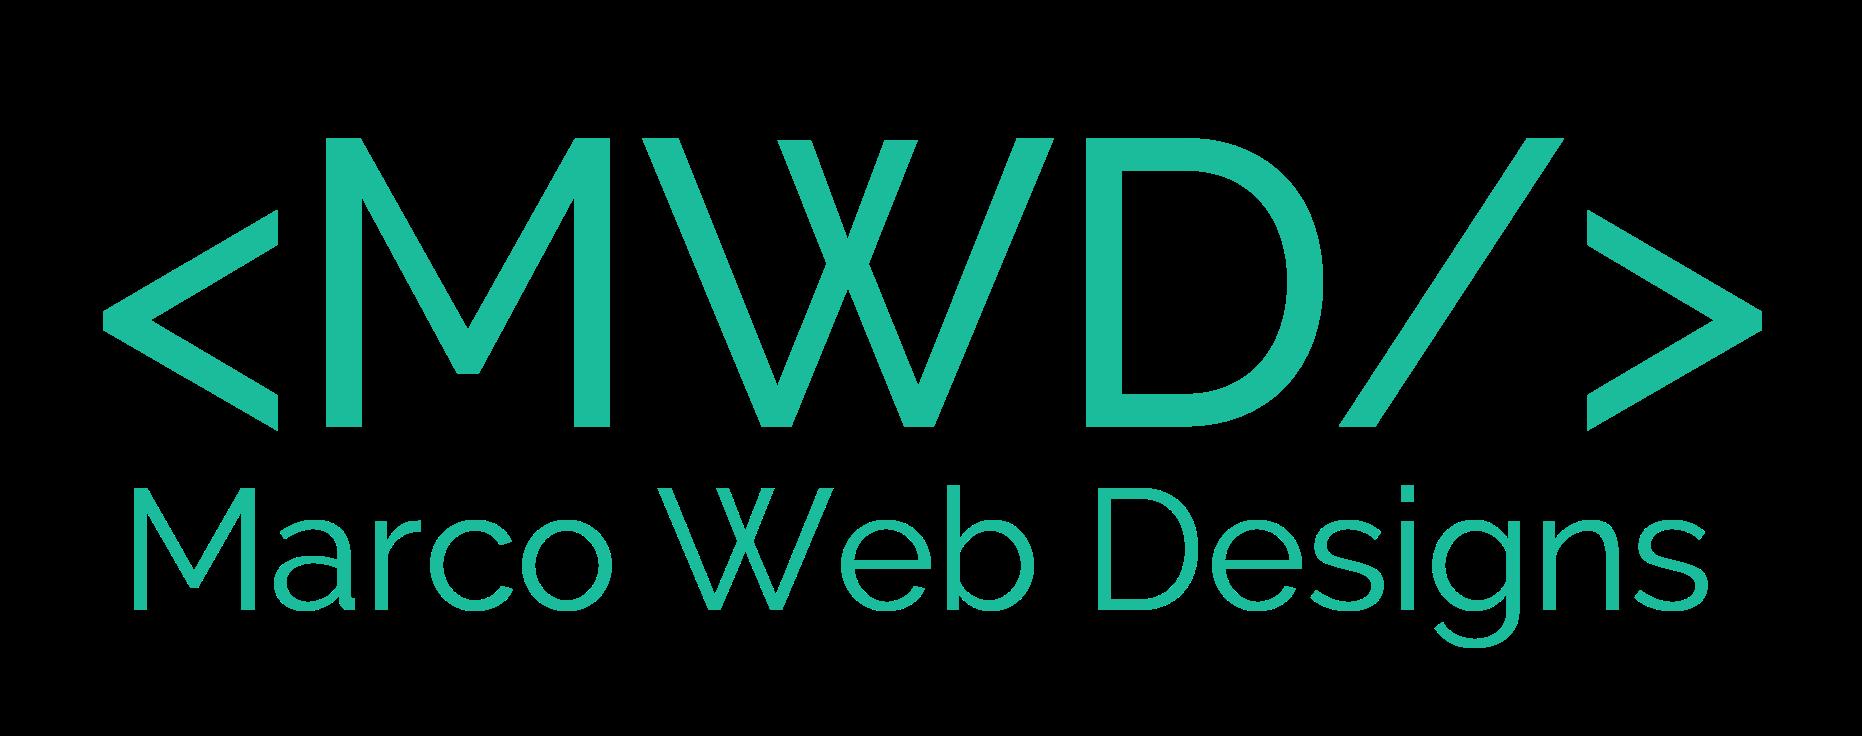 Marco Web Designs